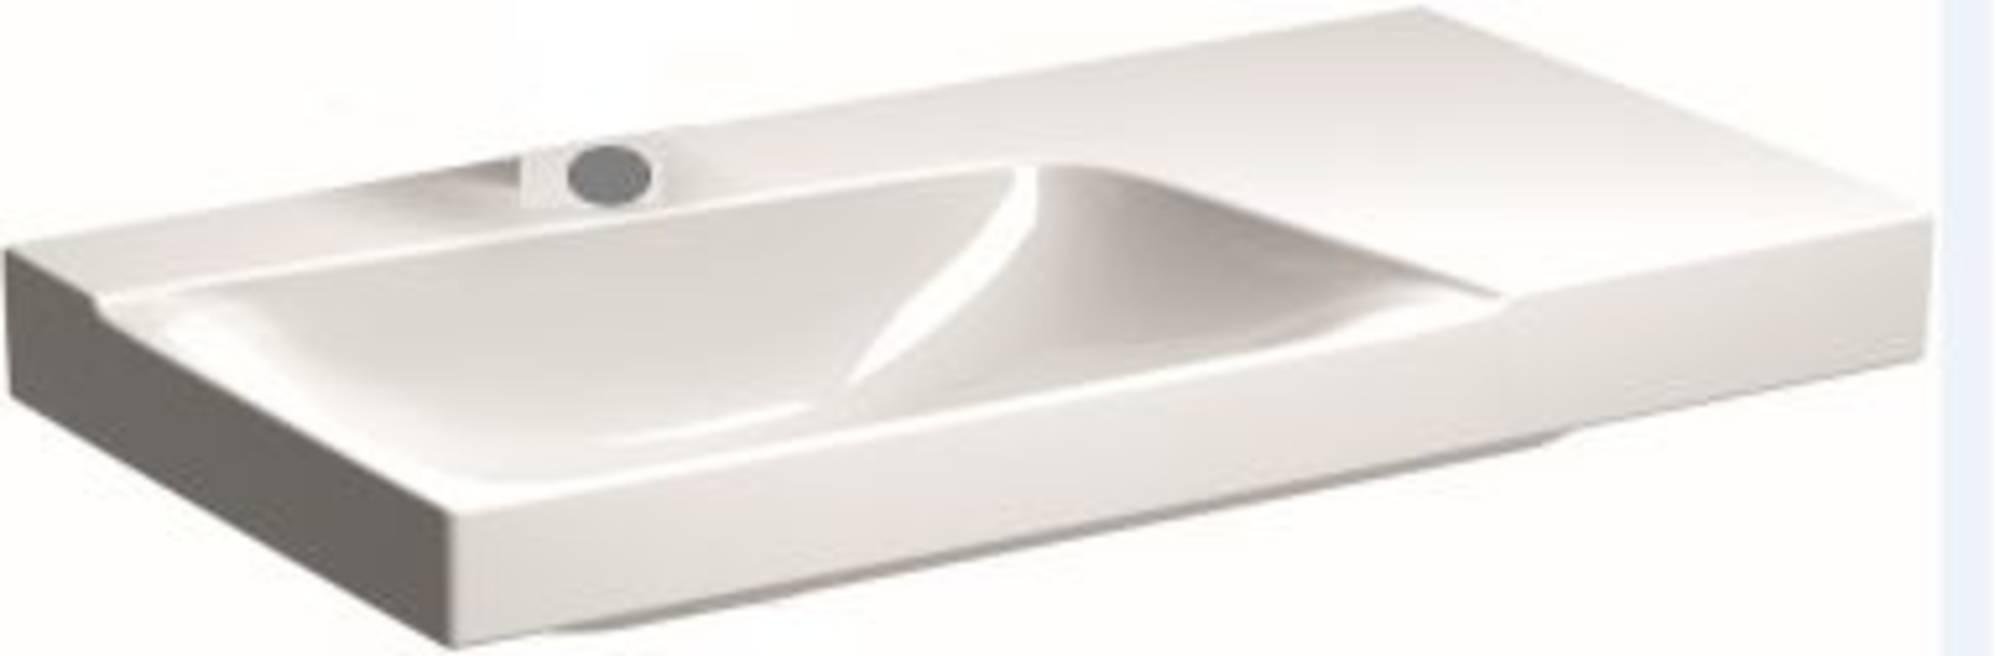 Sphinx Serie 420 new wastafel links 90x48 cm, afleg rechts 1x kraangat, wit